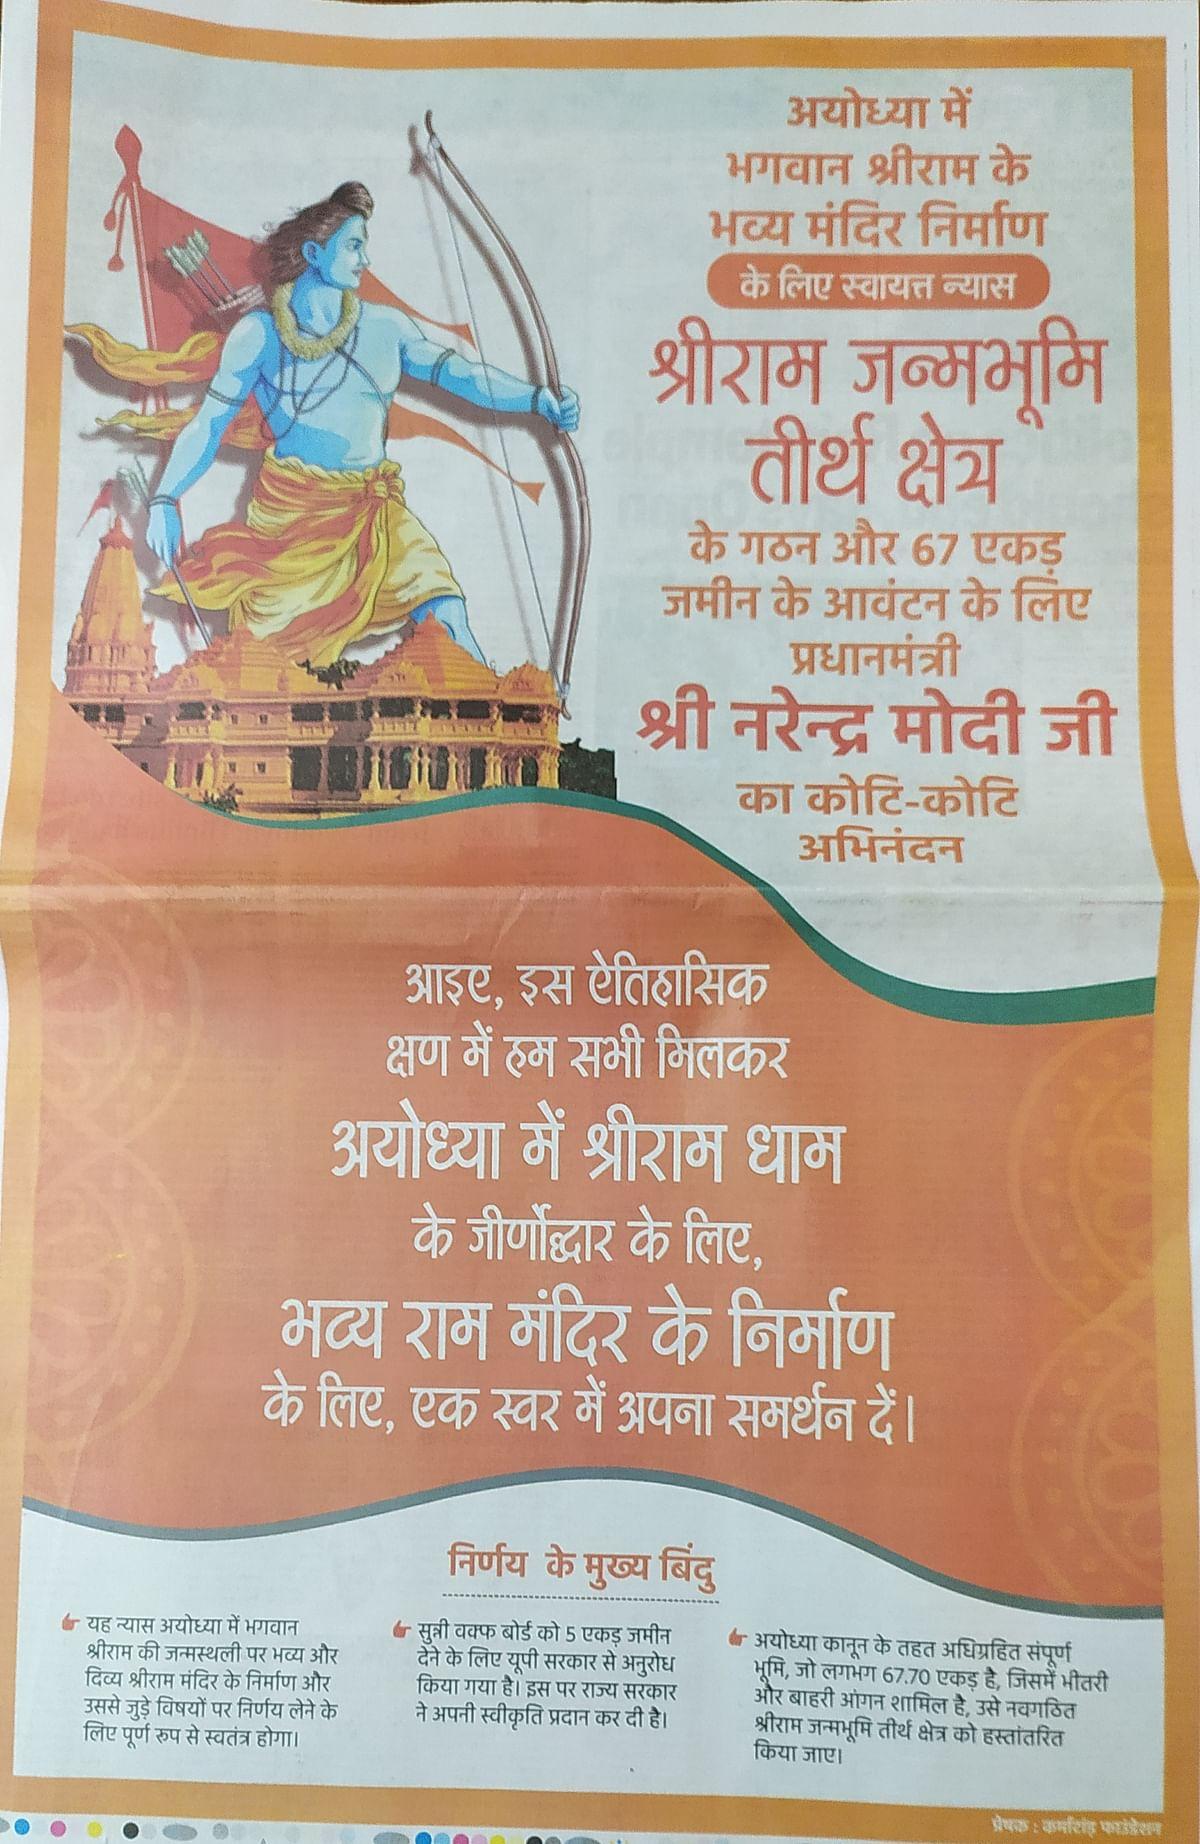 दिल्ली के अख़बारों में छपे भर-भर पेज विज्ञापन का भाजपा कनेक्शन